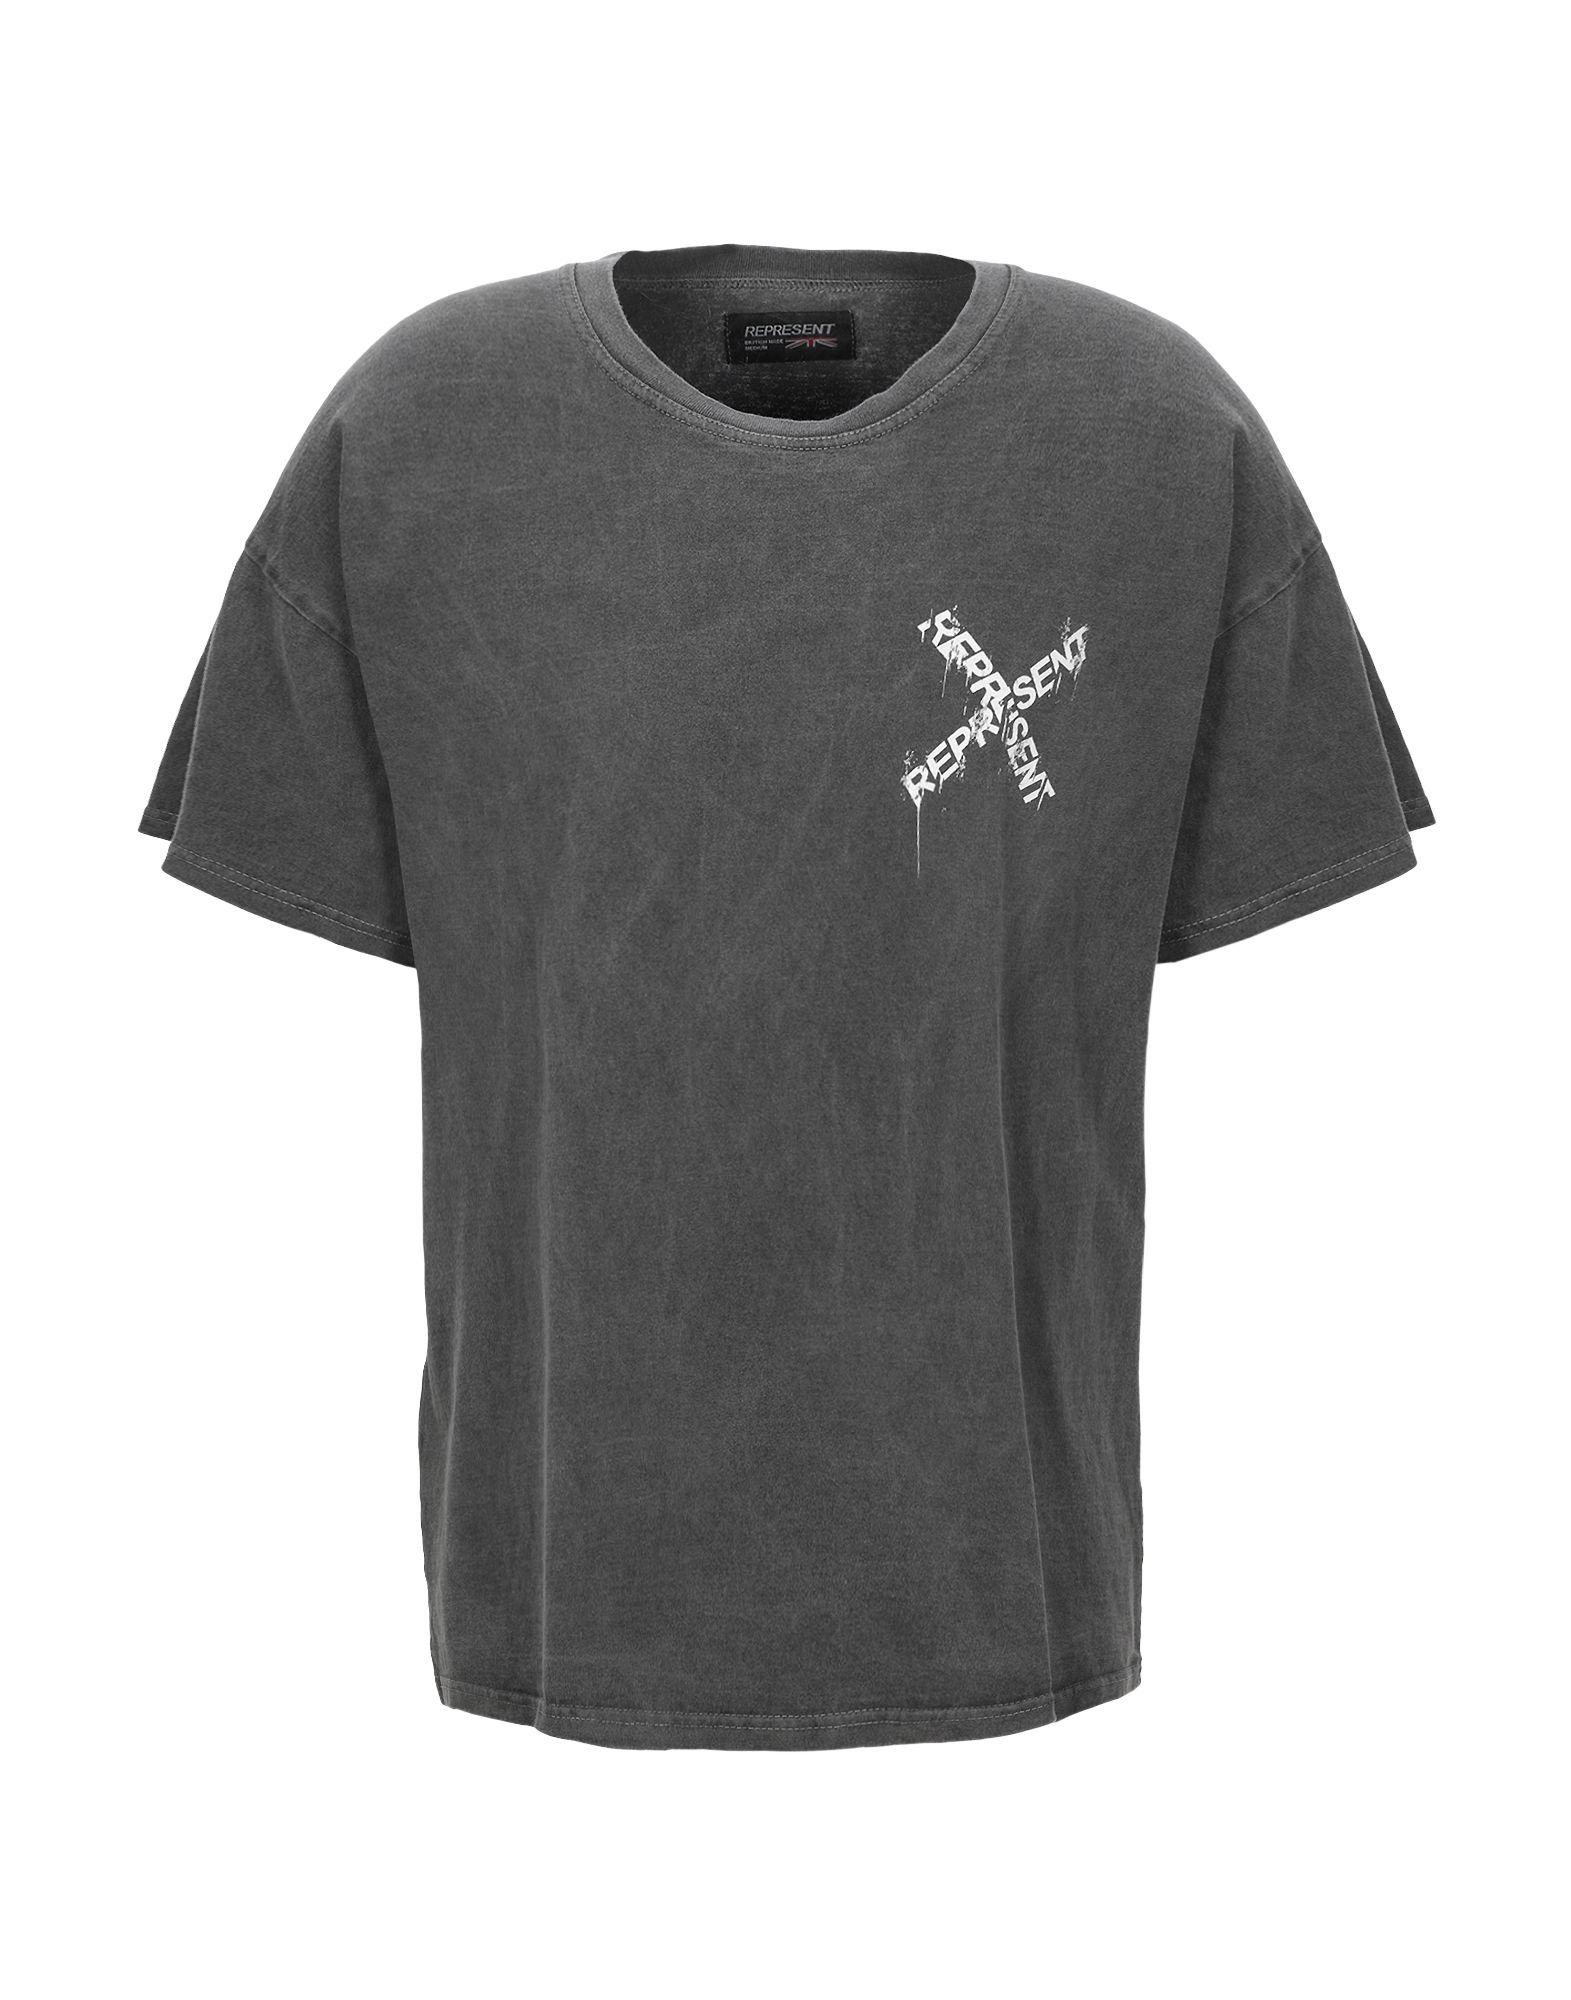 《期間限定セール開催中!》REPRESENT メンズ T シャツ 鉛色 L コットン 100% DESTROYED LOGO T-SHIRT